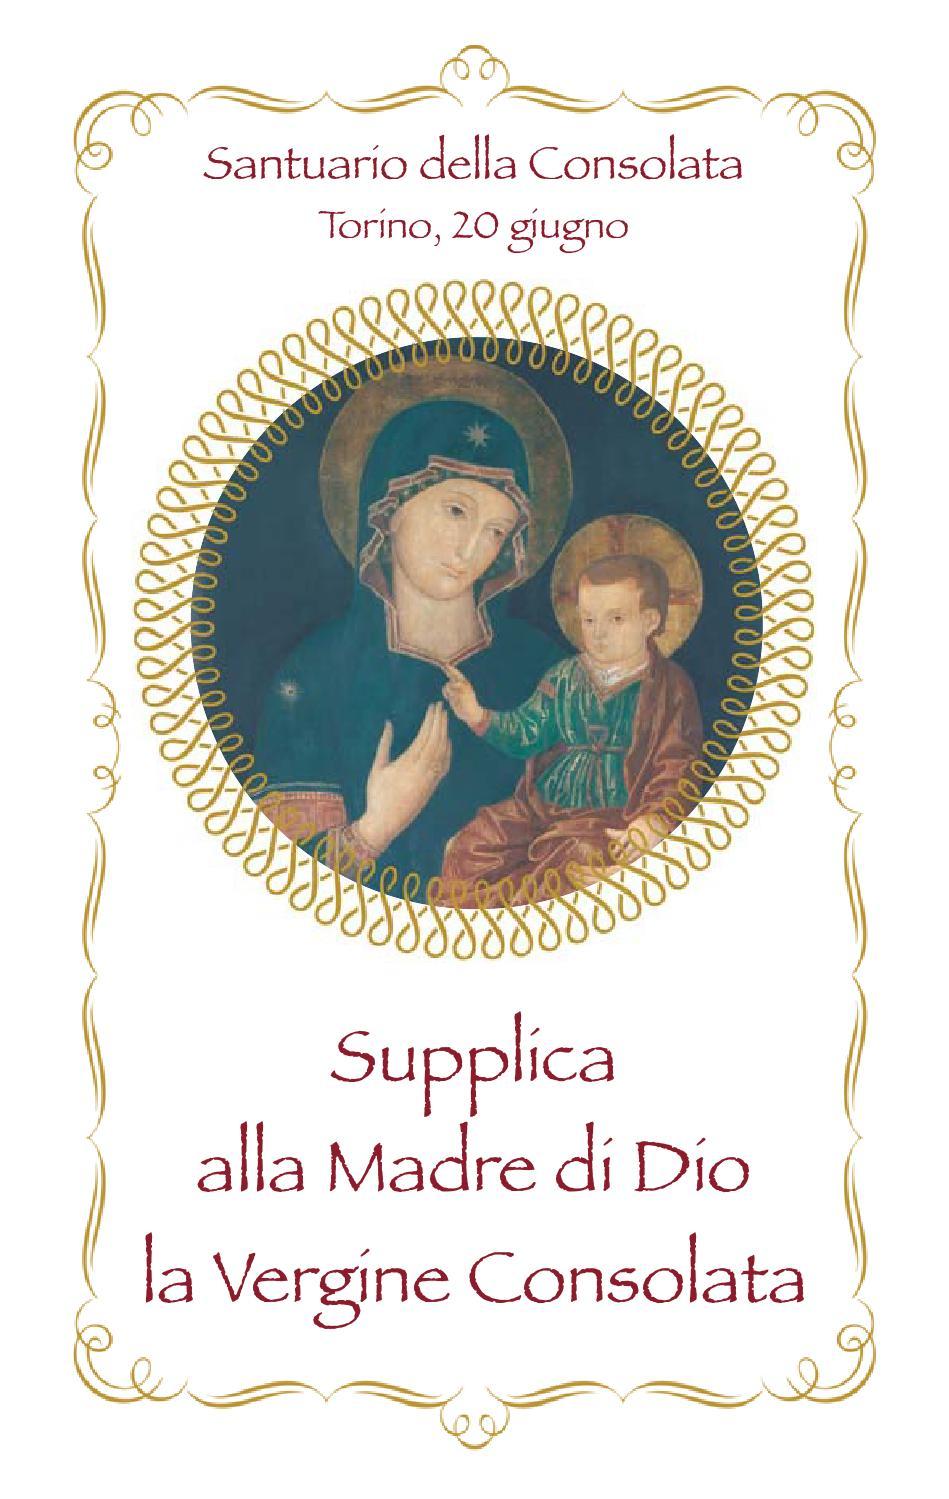 Risultati immagini per 20 giugno la Maria vergine consolata di torino